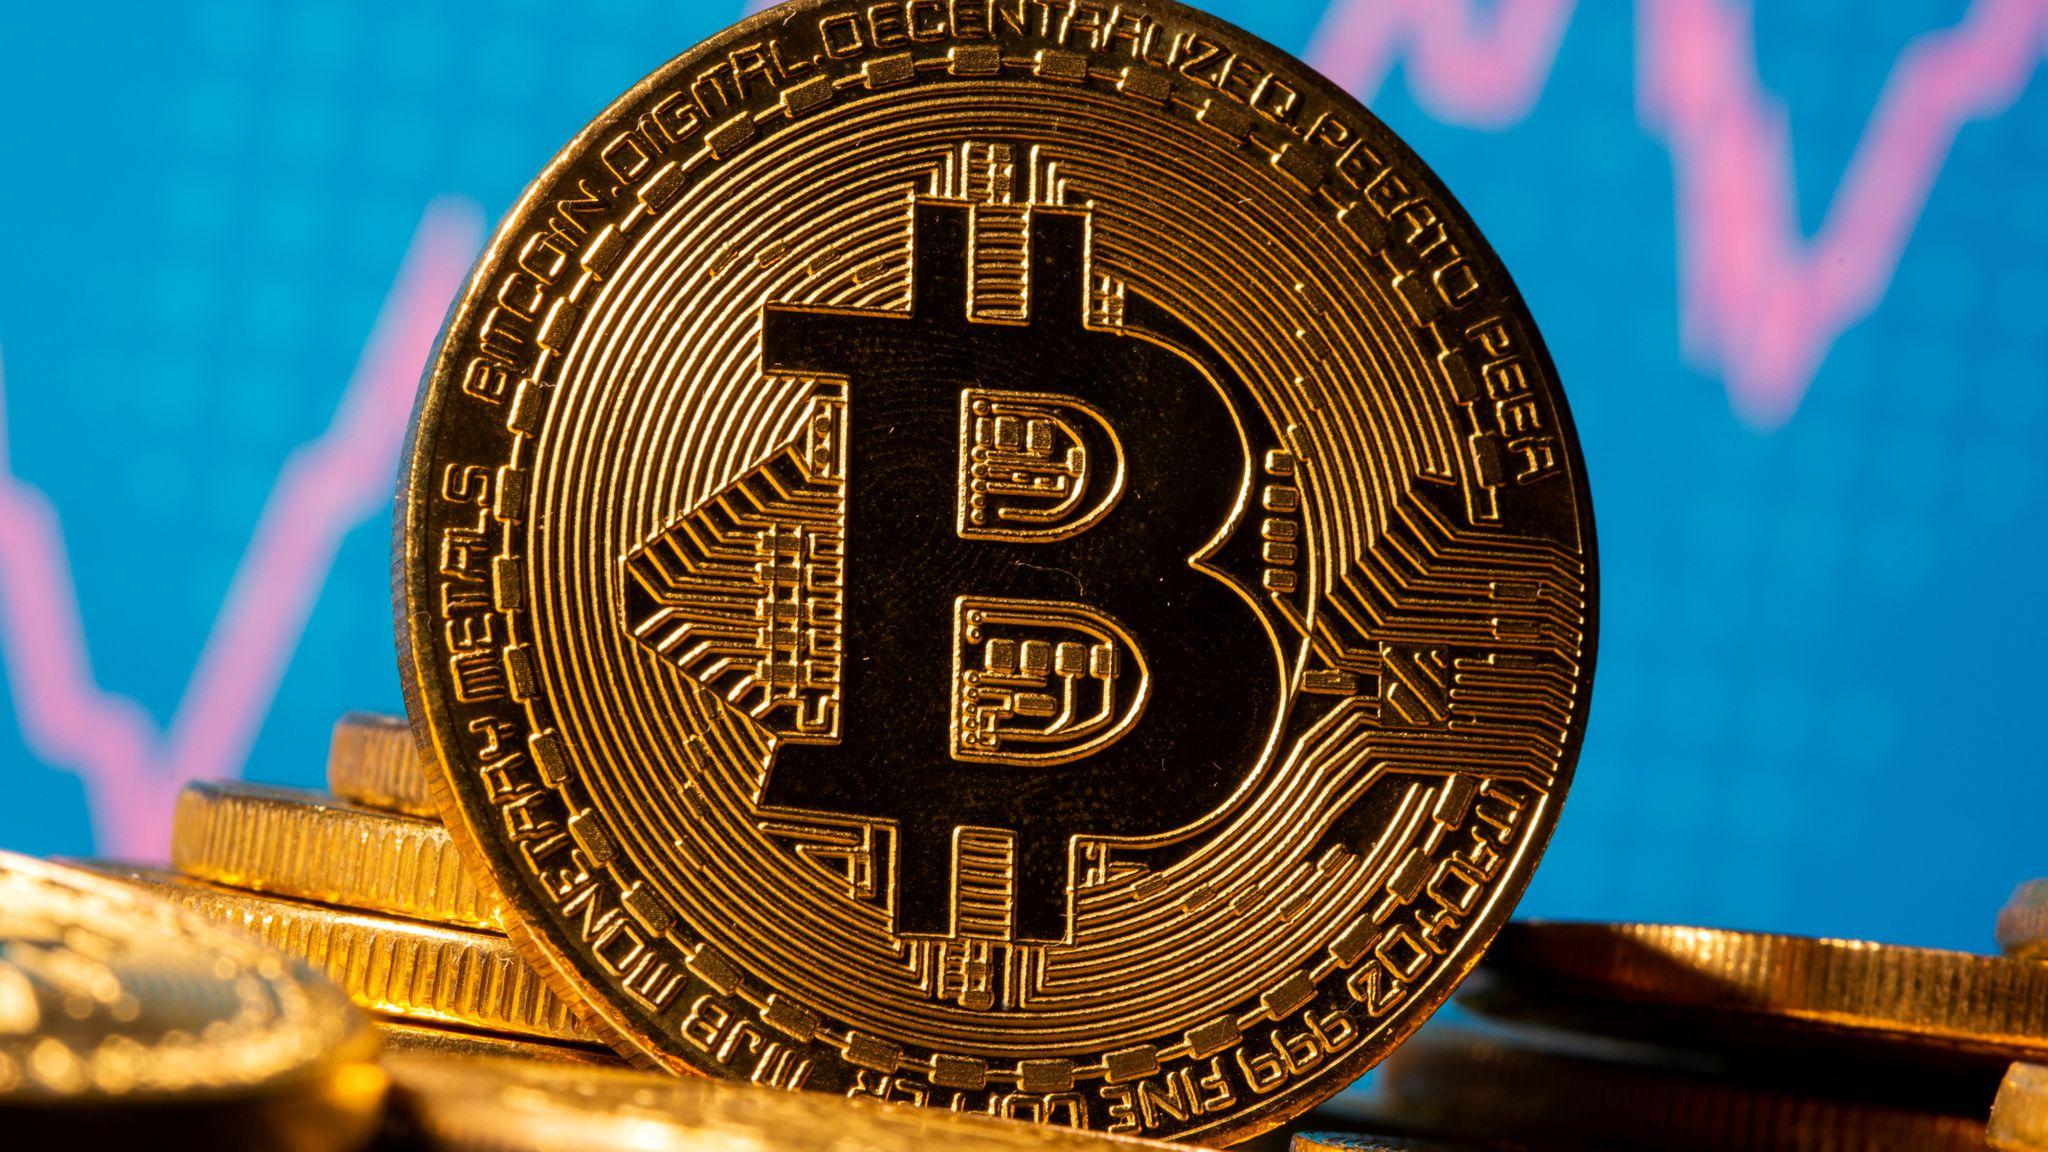 Bitcoin son 20 günün en düşük seviyesine geriledi, yetkili kişi Bitcoin tahminini söyledi